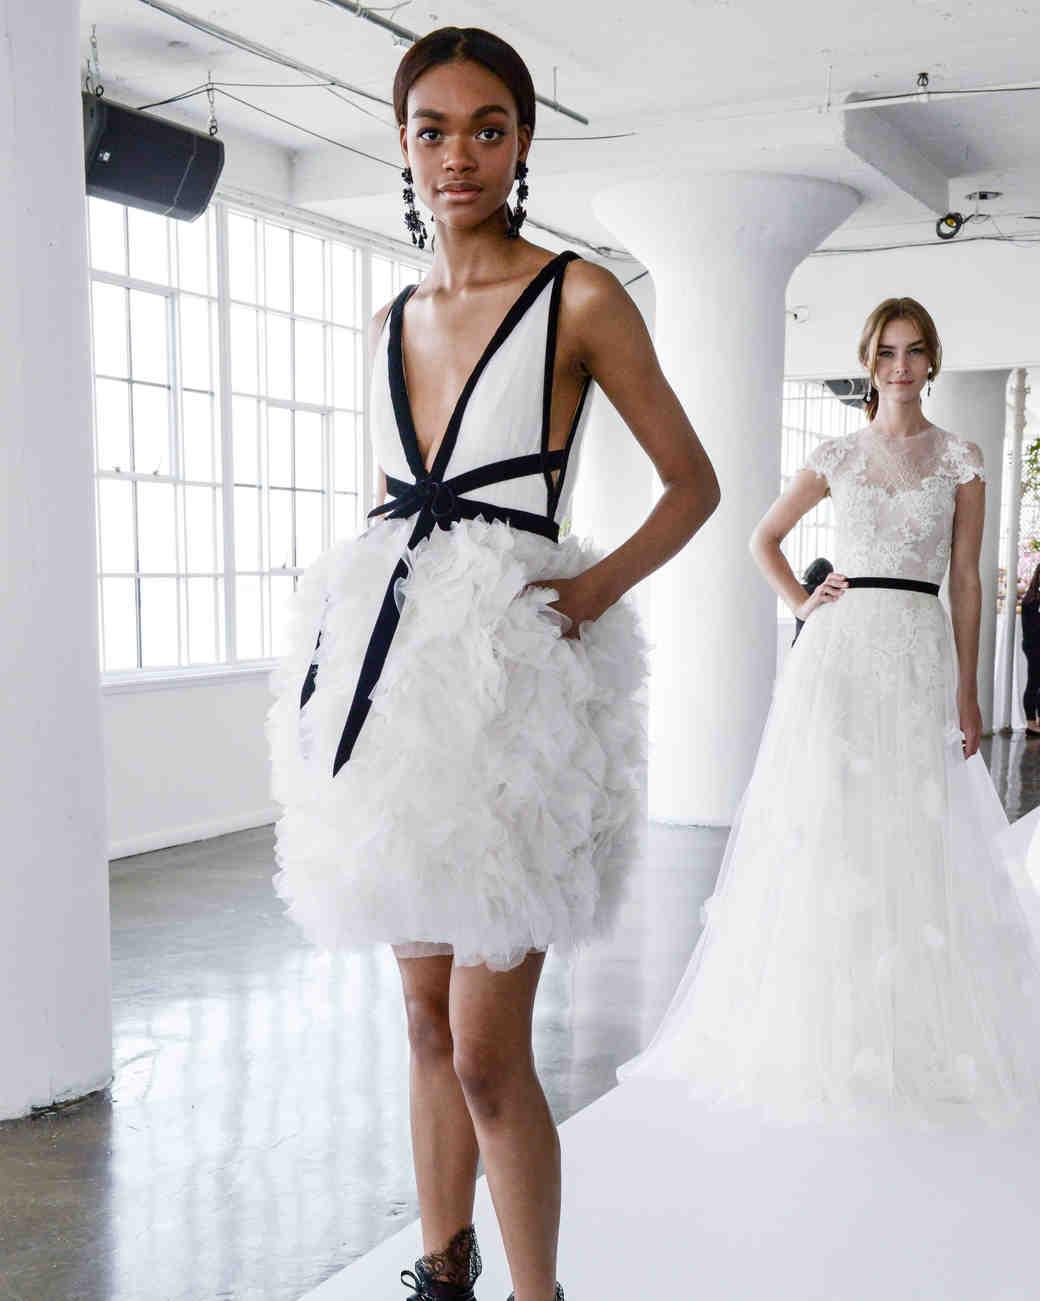 fd02e93822c3f محلات وبوتيك فساتين زفاف أشهر مصممي الأزياء